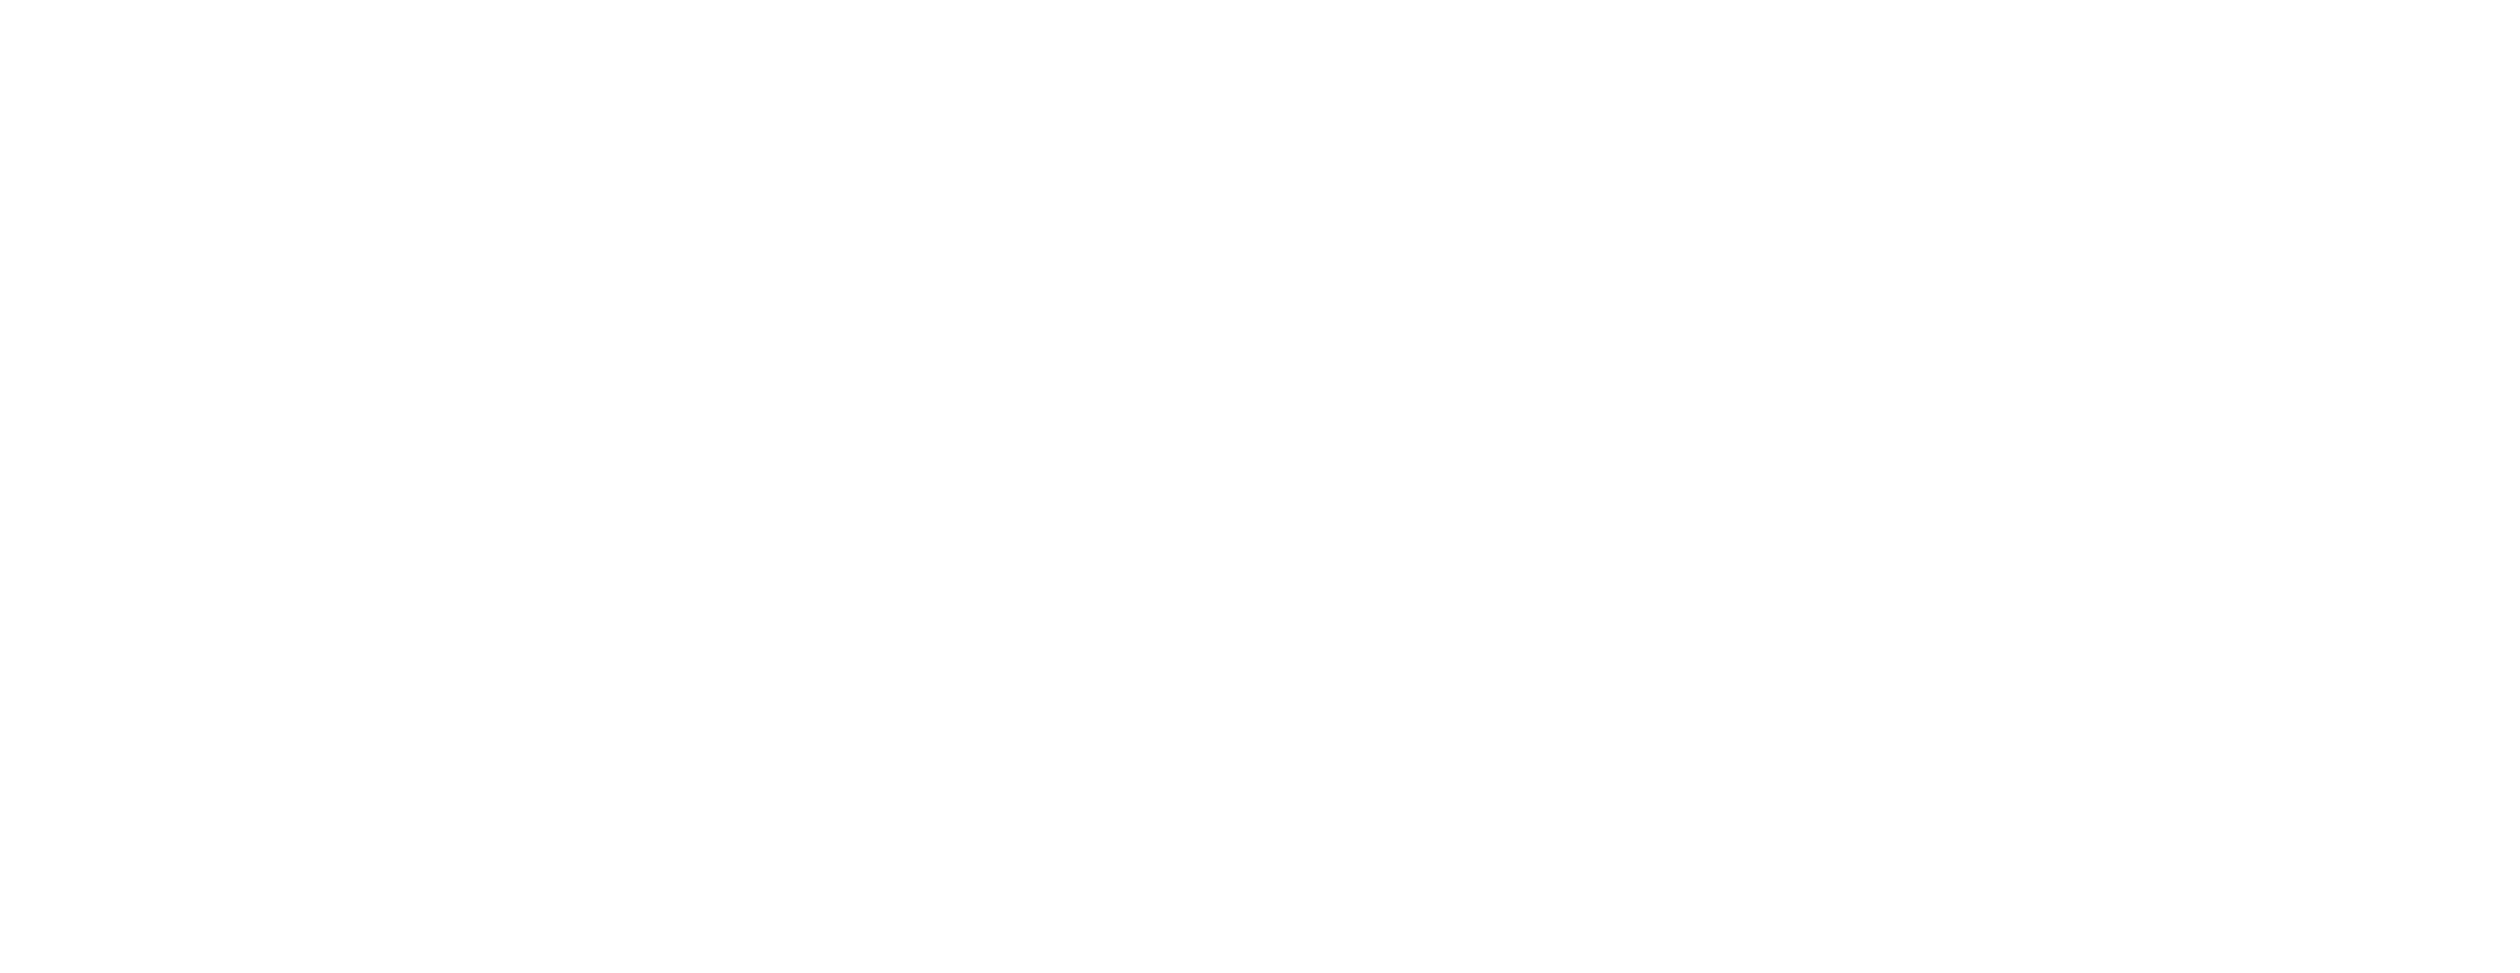 Healthcare Ventures Challenge